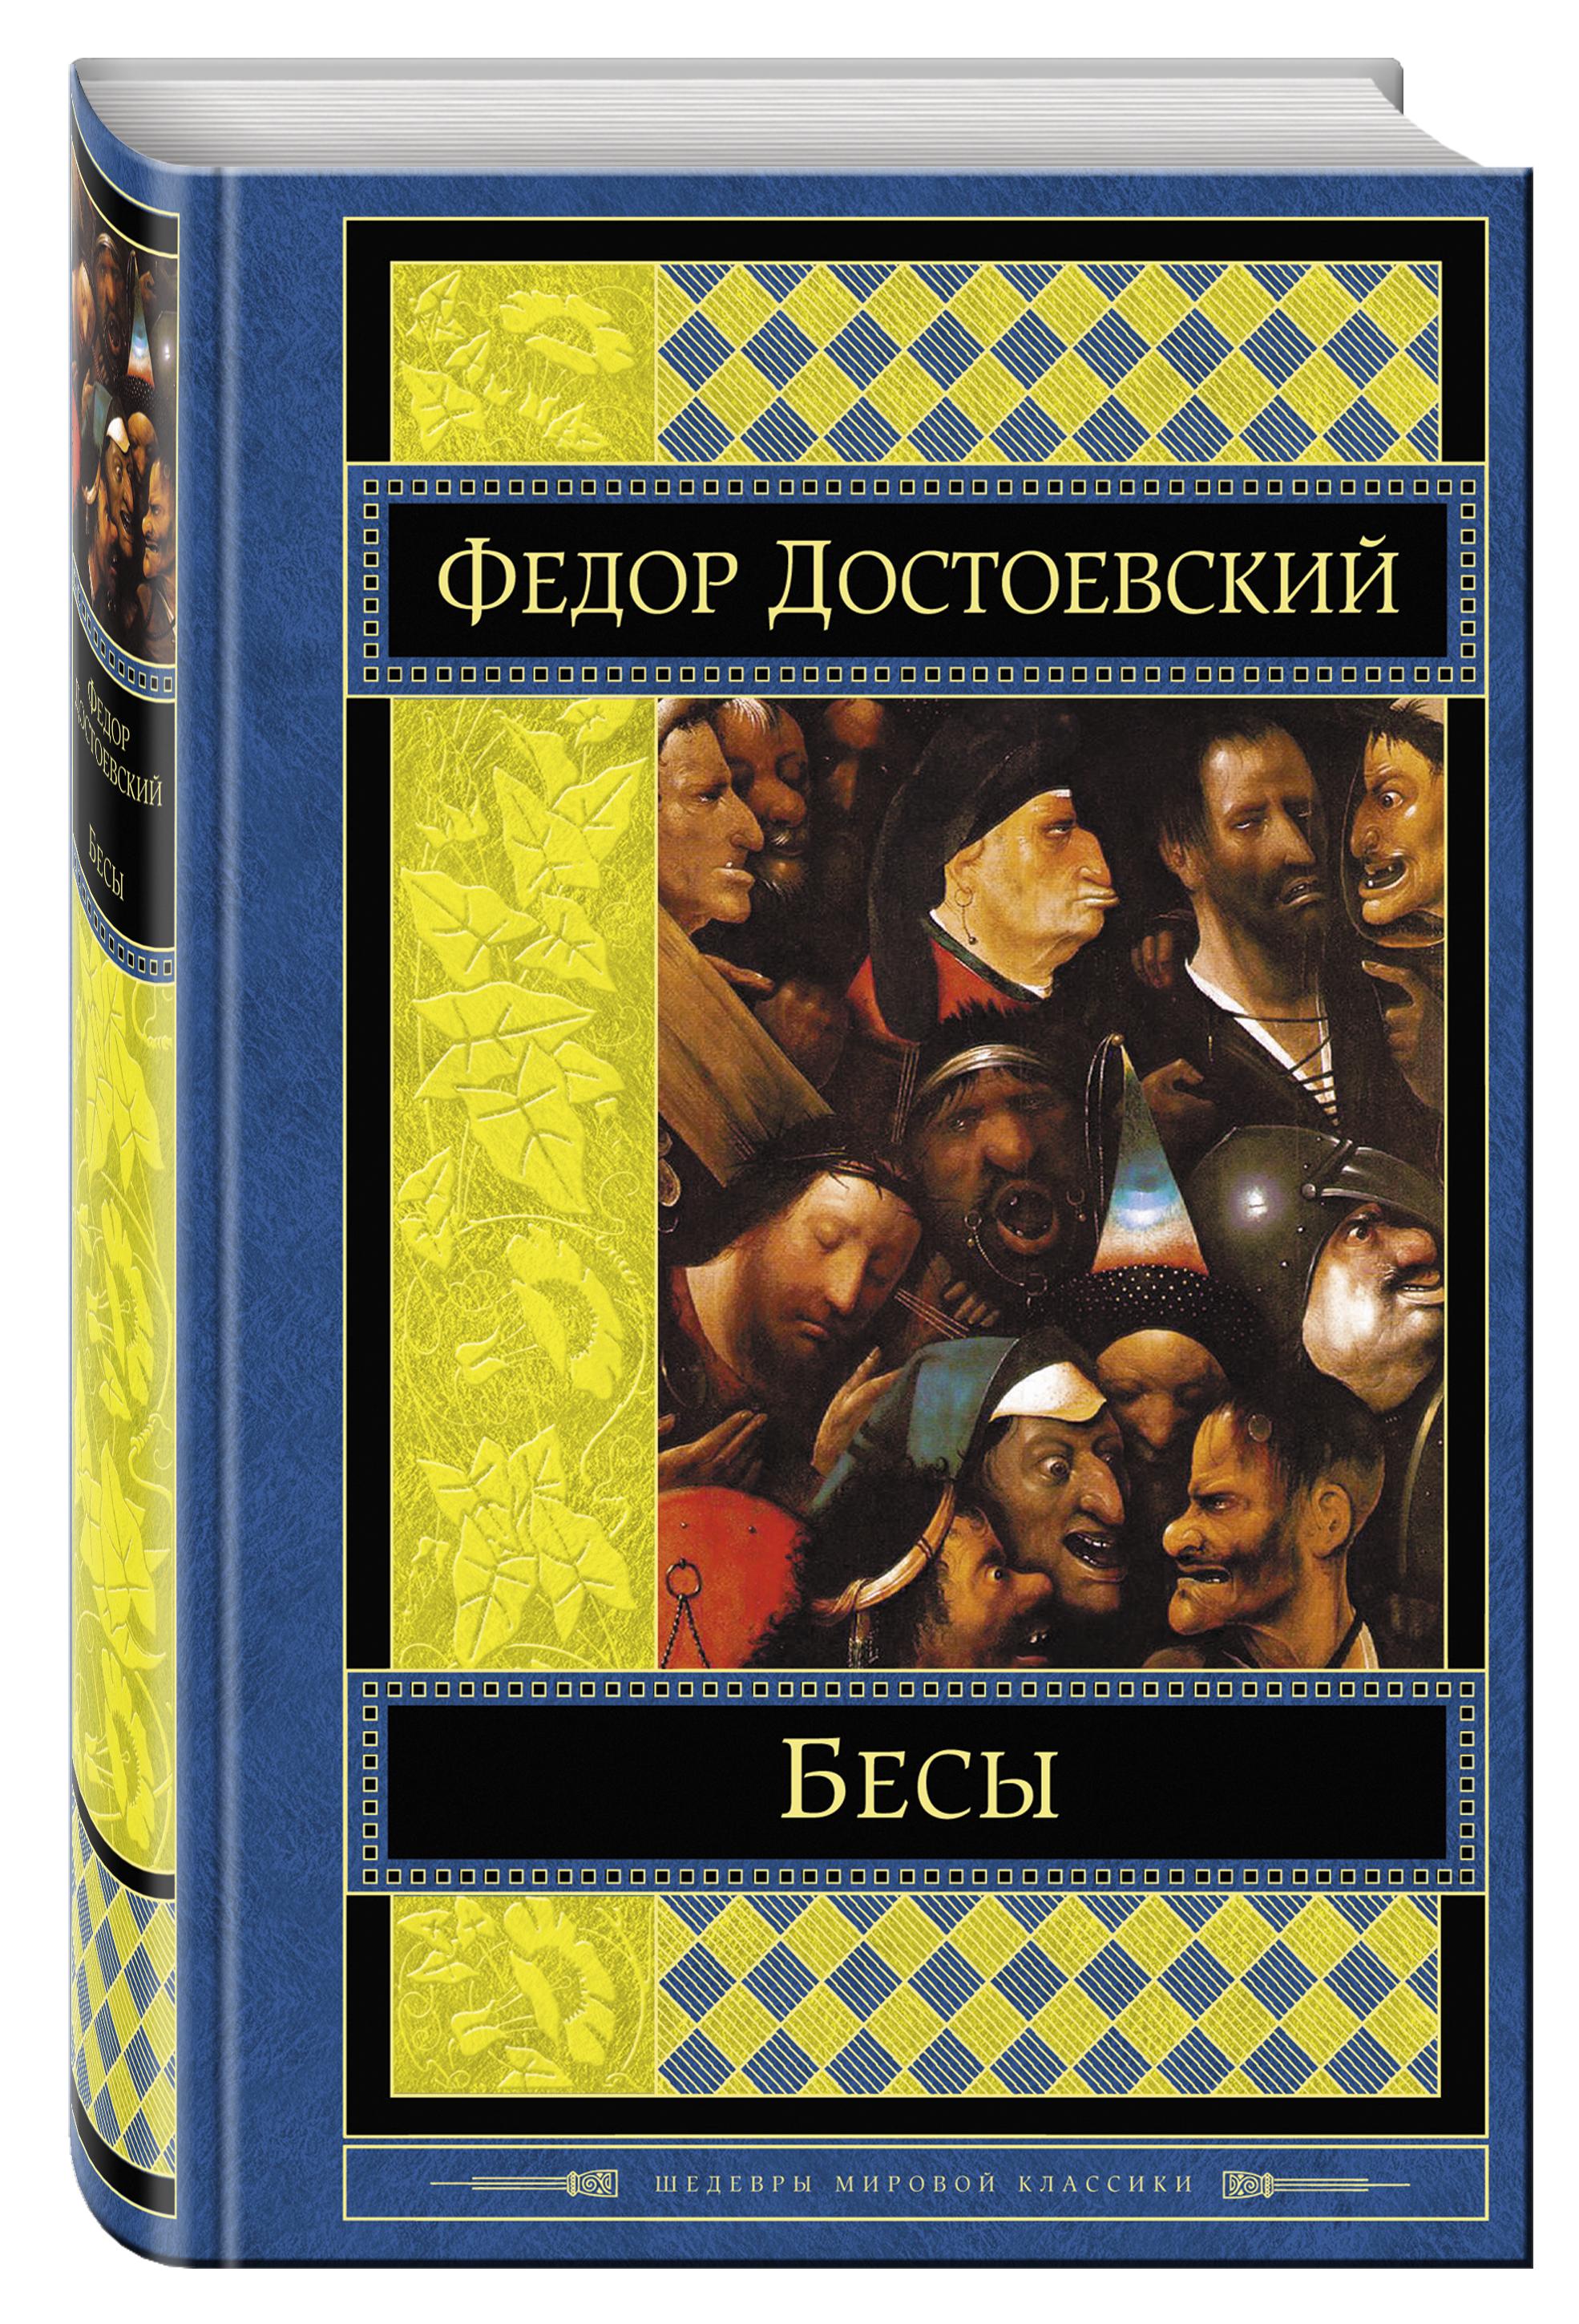 Достоевский Ф.М. Бесы